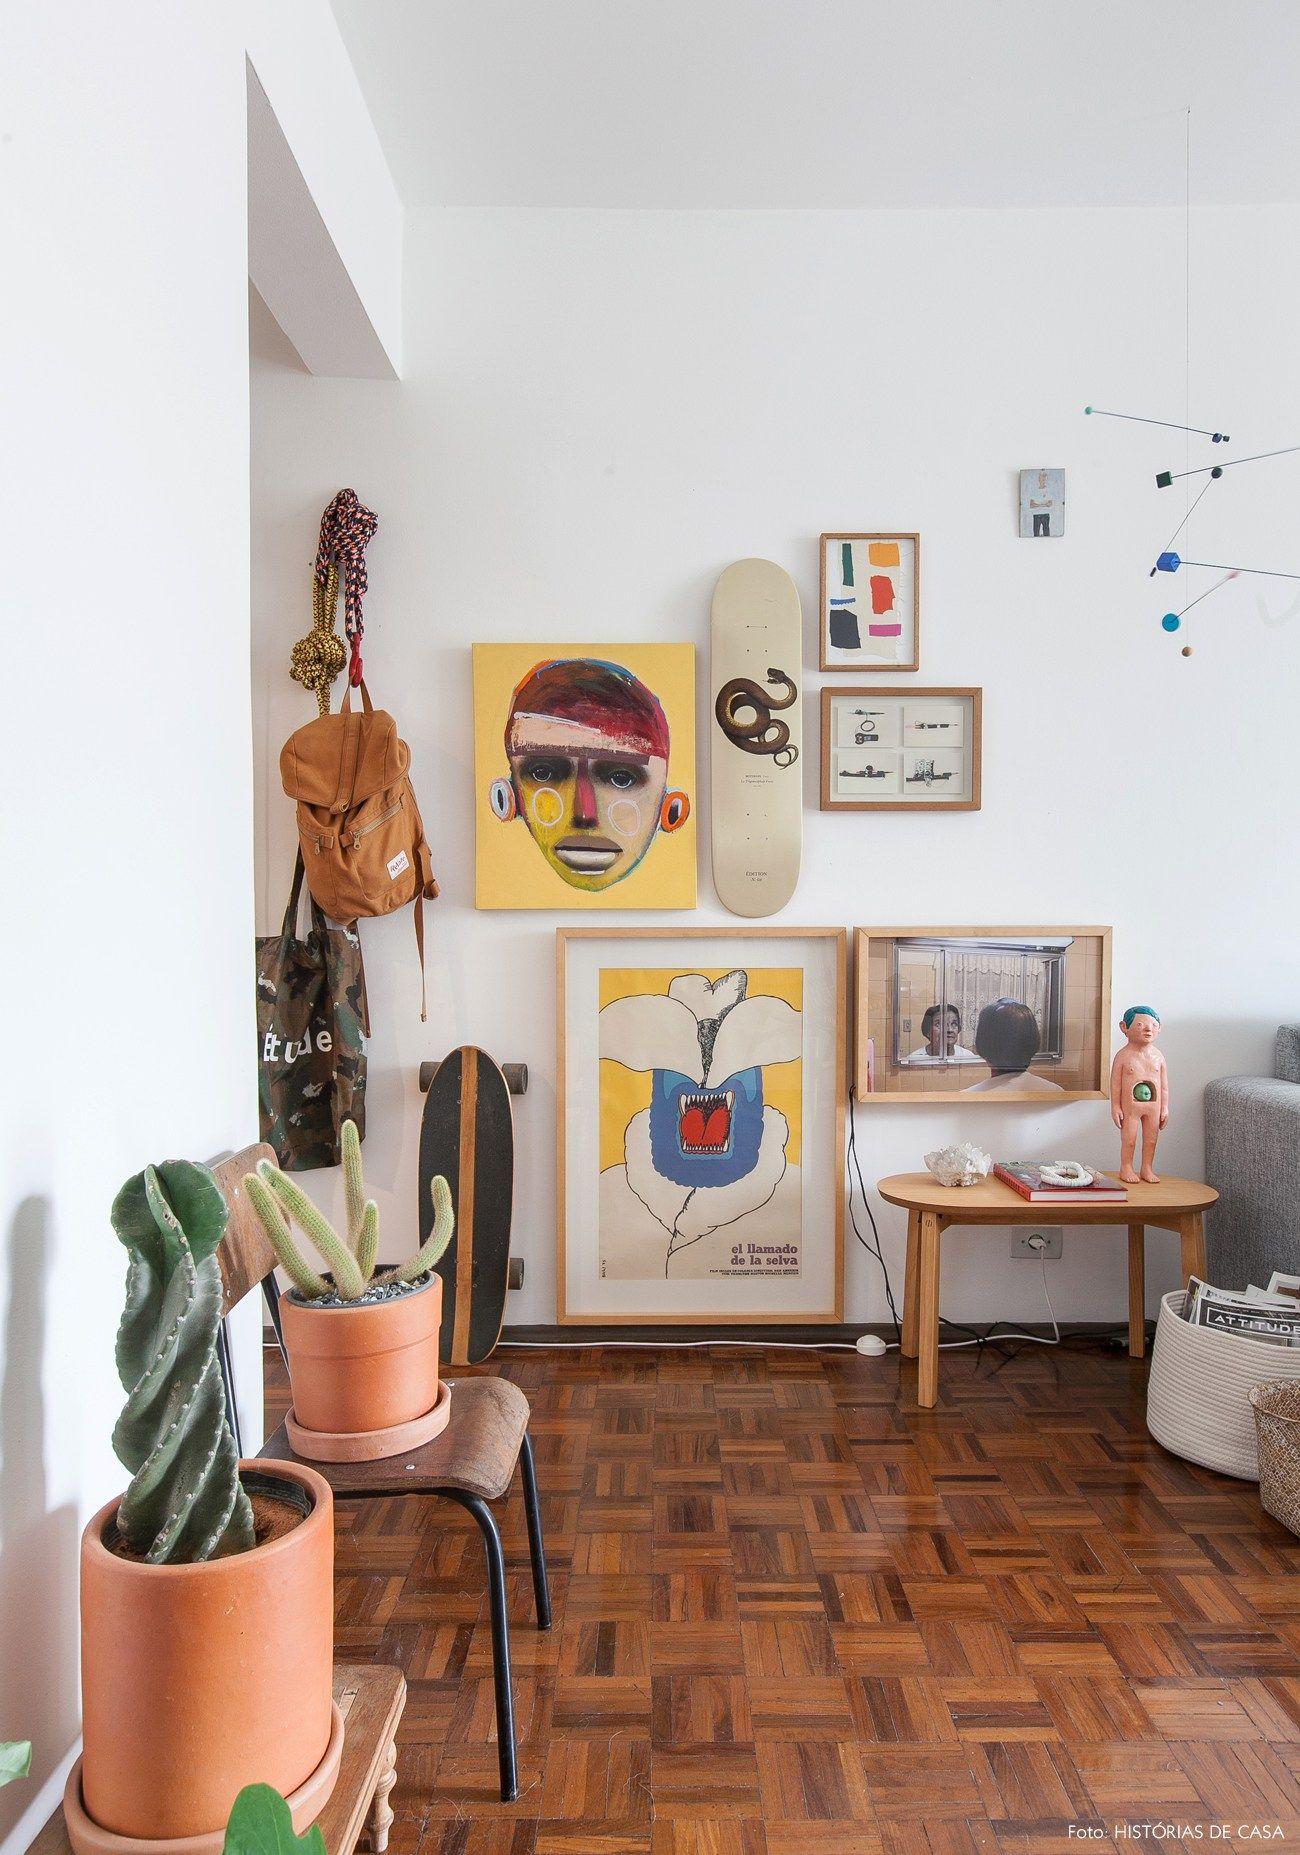 Apê pequeno com varanda is part of Living room decor - Nesse apartamento pequeno a varanda é o grande diferencial  Integrado à sala, o espaço traz plantinhas e até uma rede de balanço  Confira o apê completo!